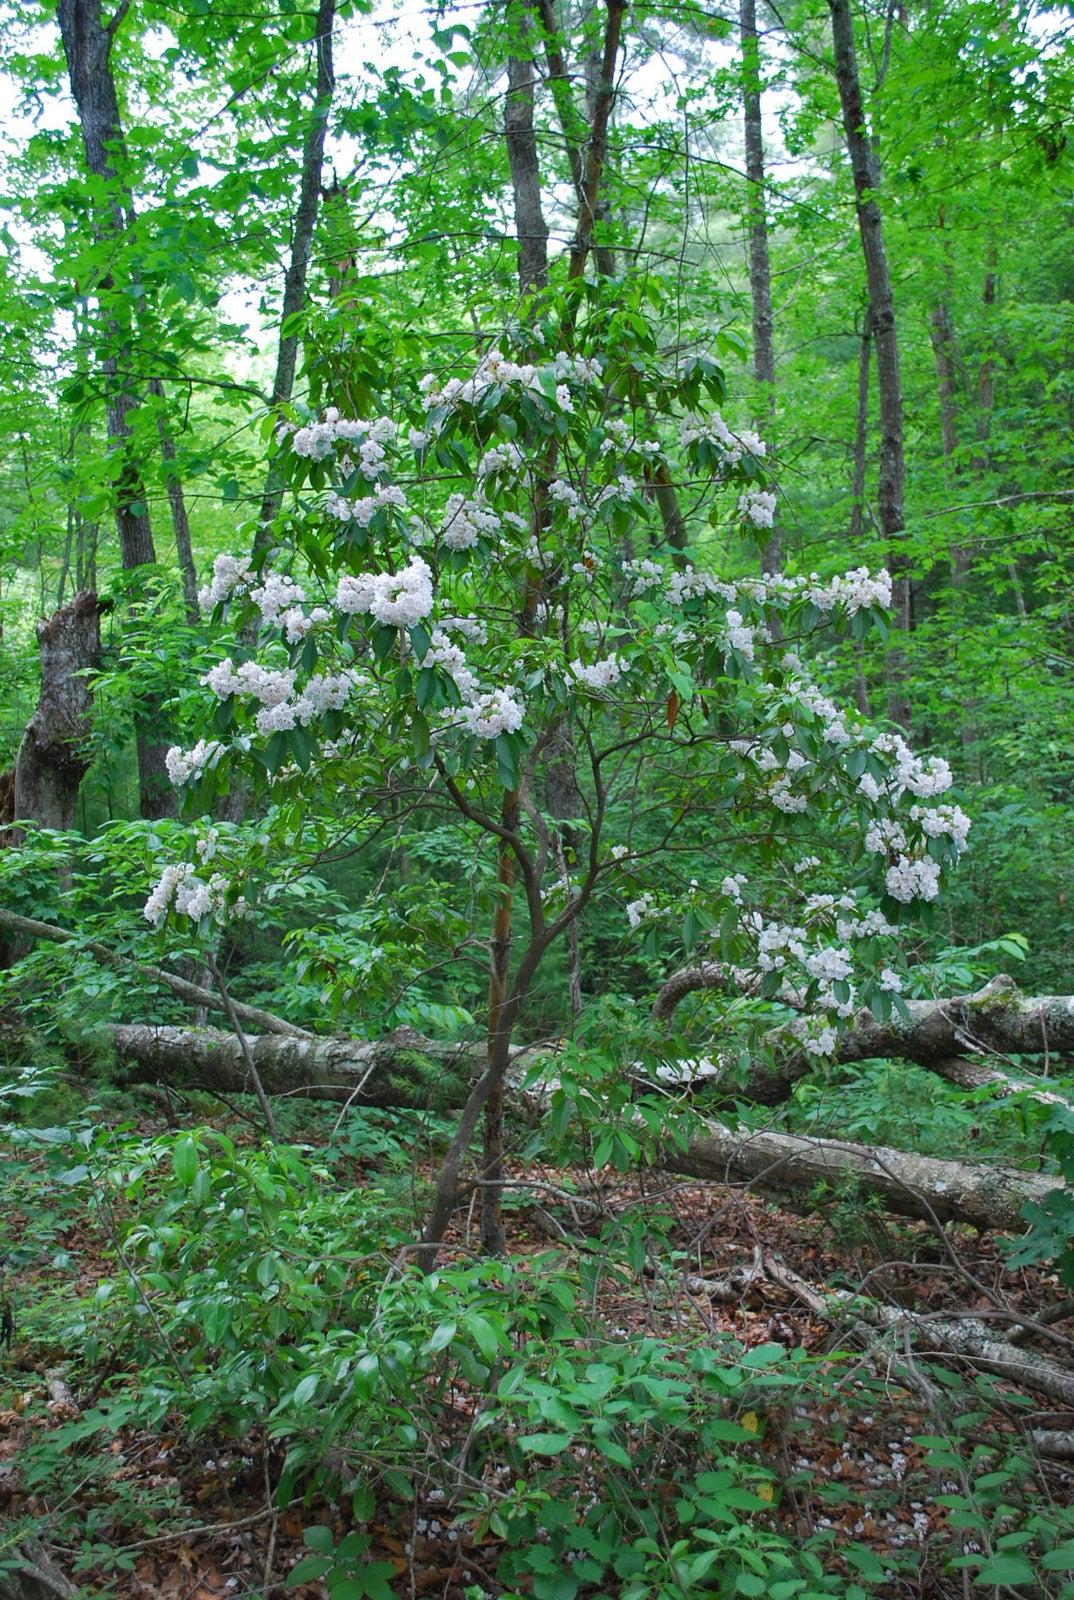 8_Mtn Laurel in bloom edt